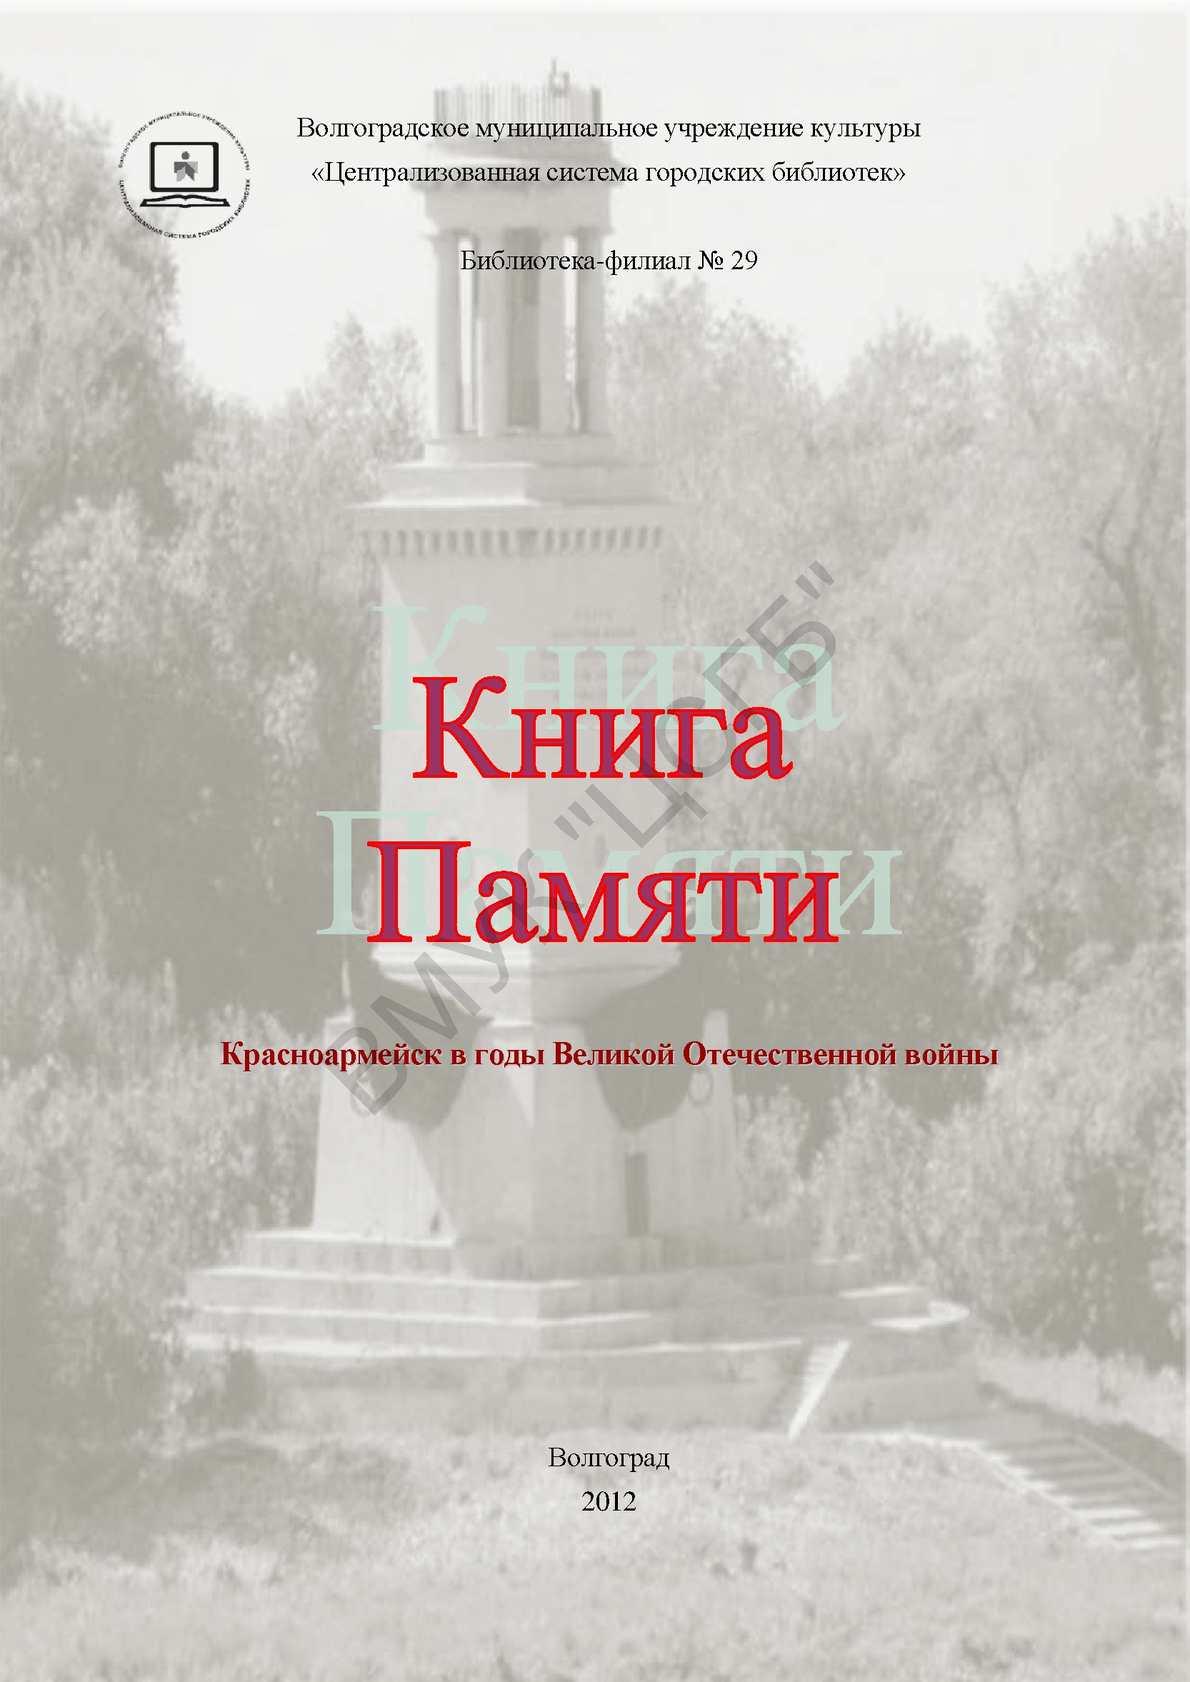 Книга памяти. Красноармейск в годы Великой Отечественной Войны